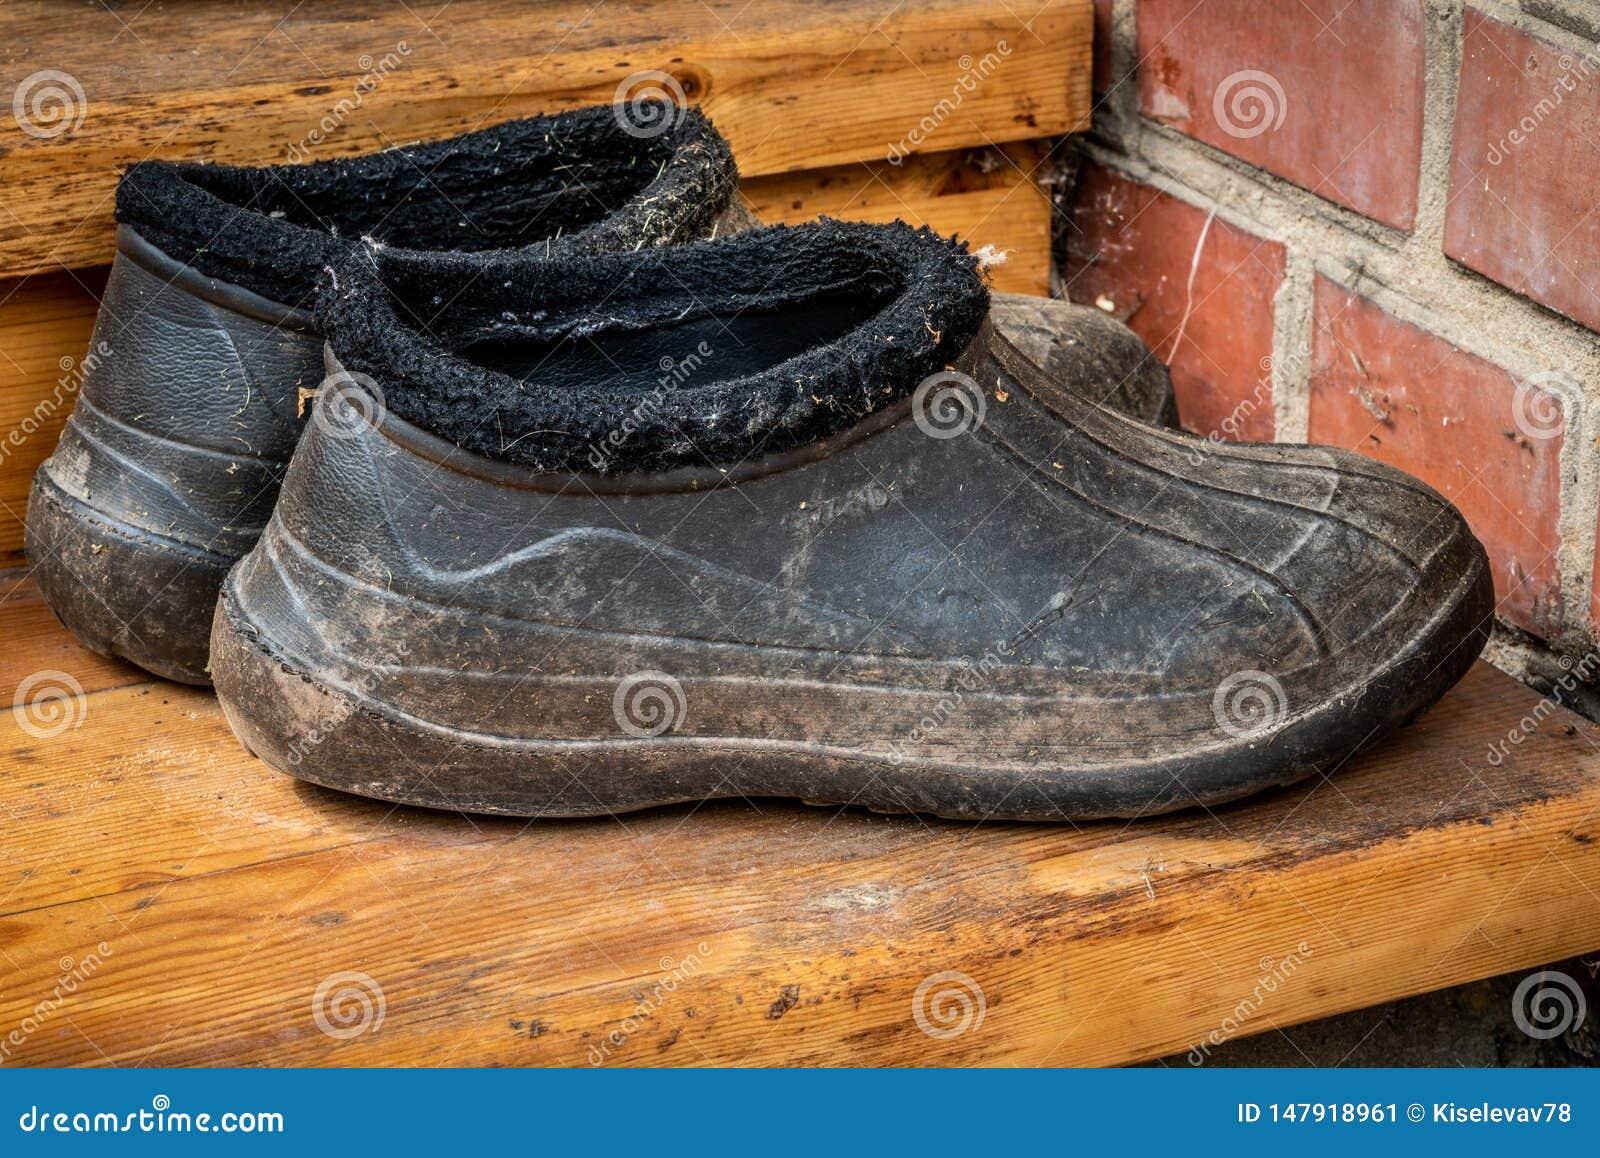 scarpe da tennis con galosche